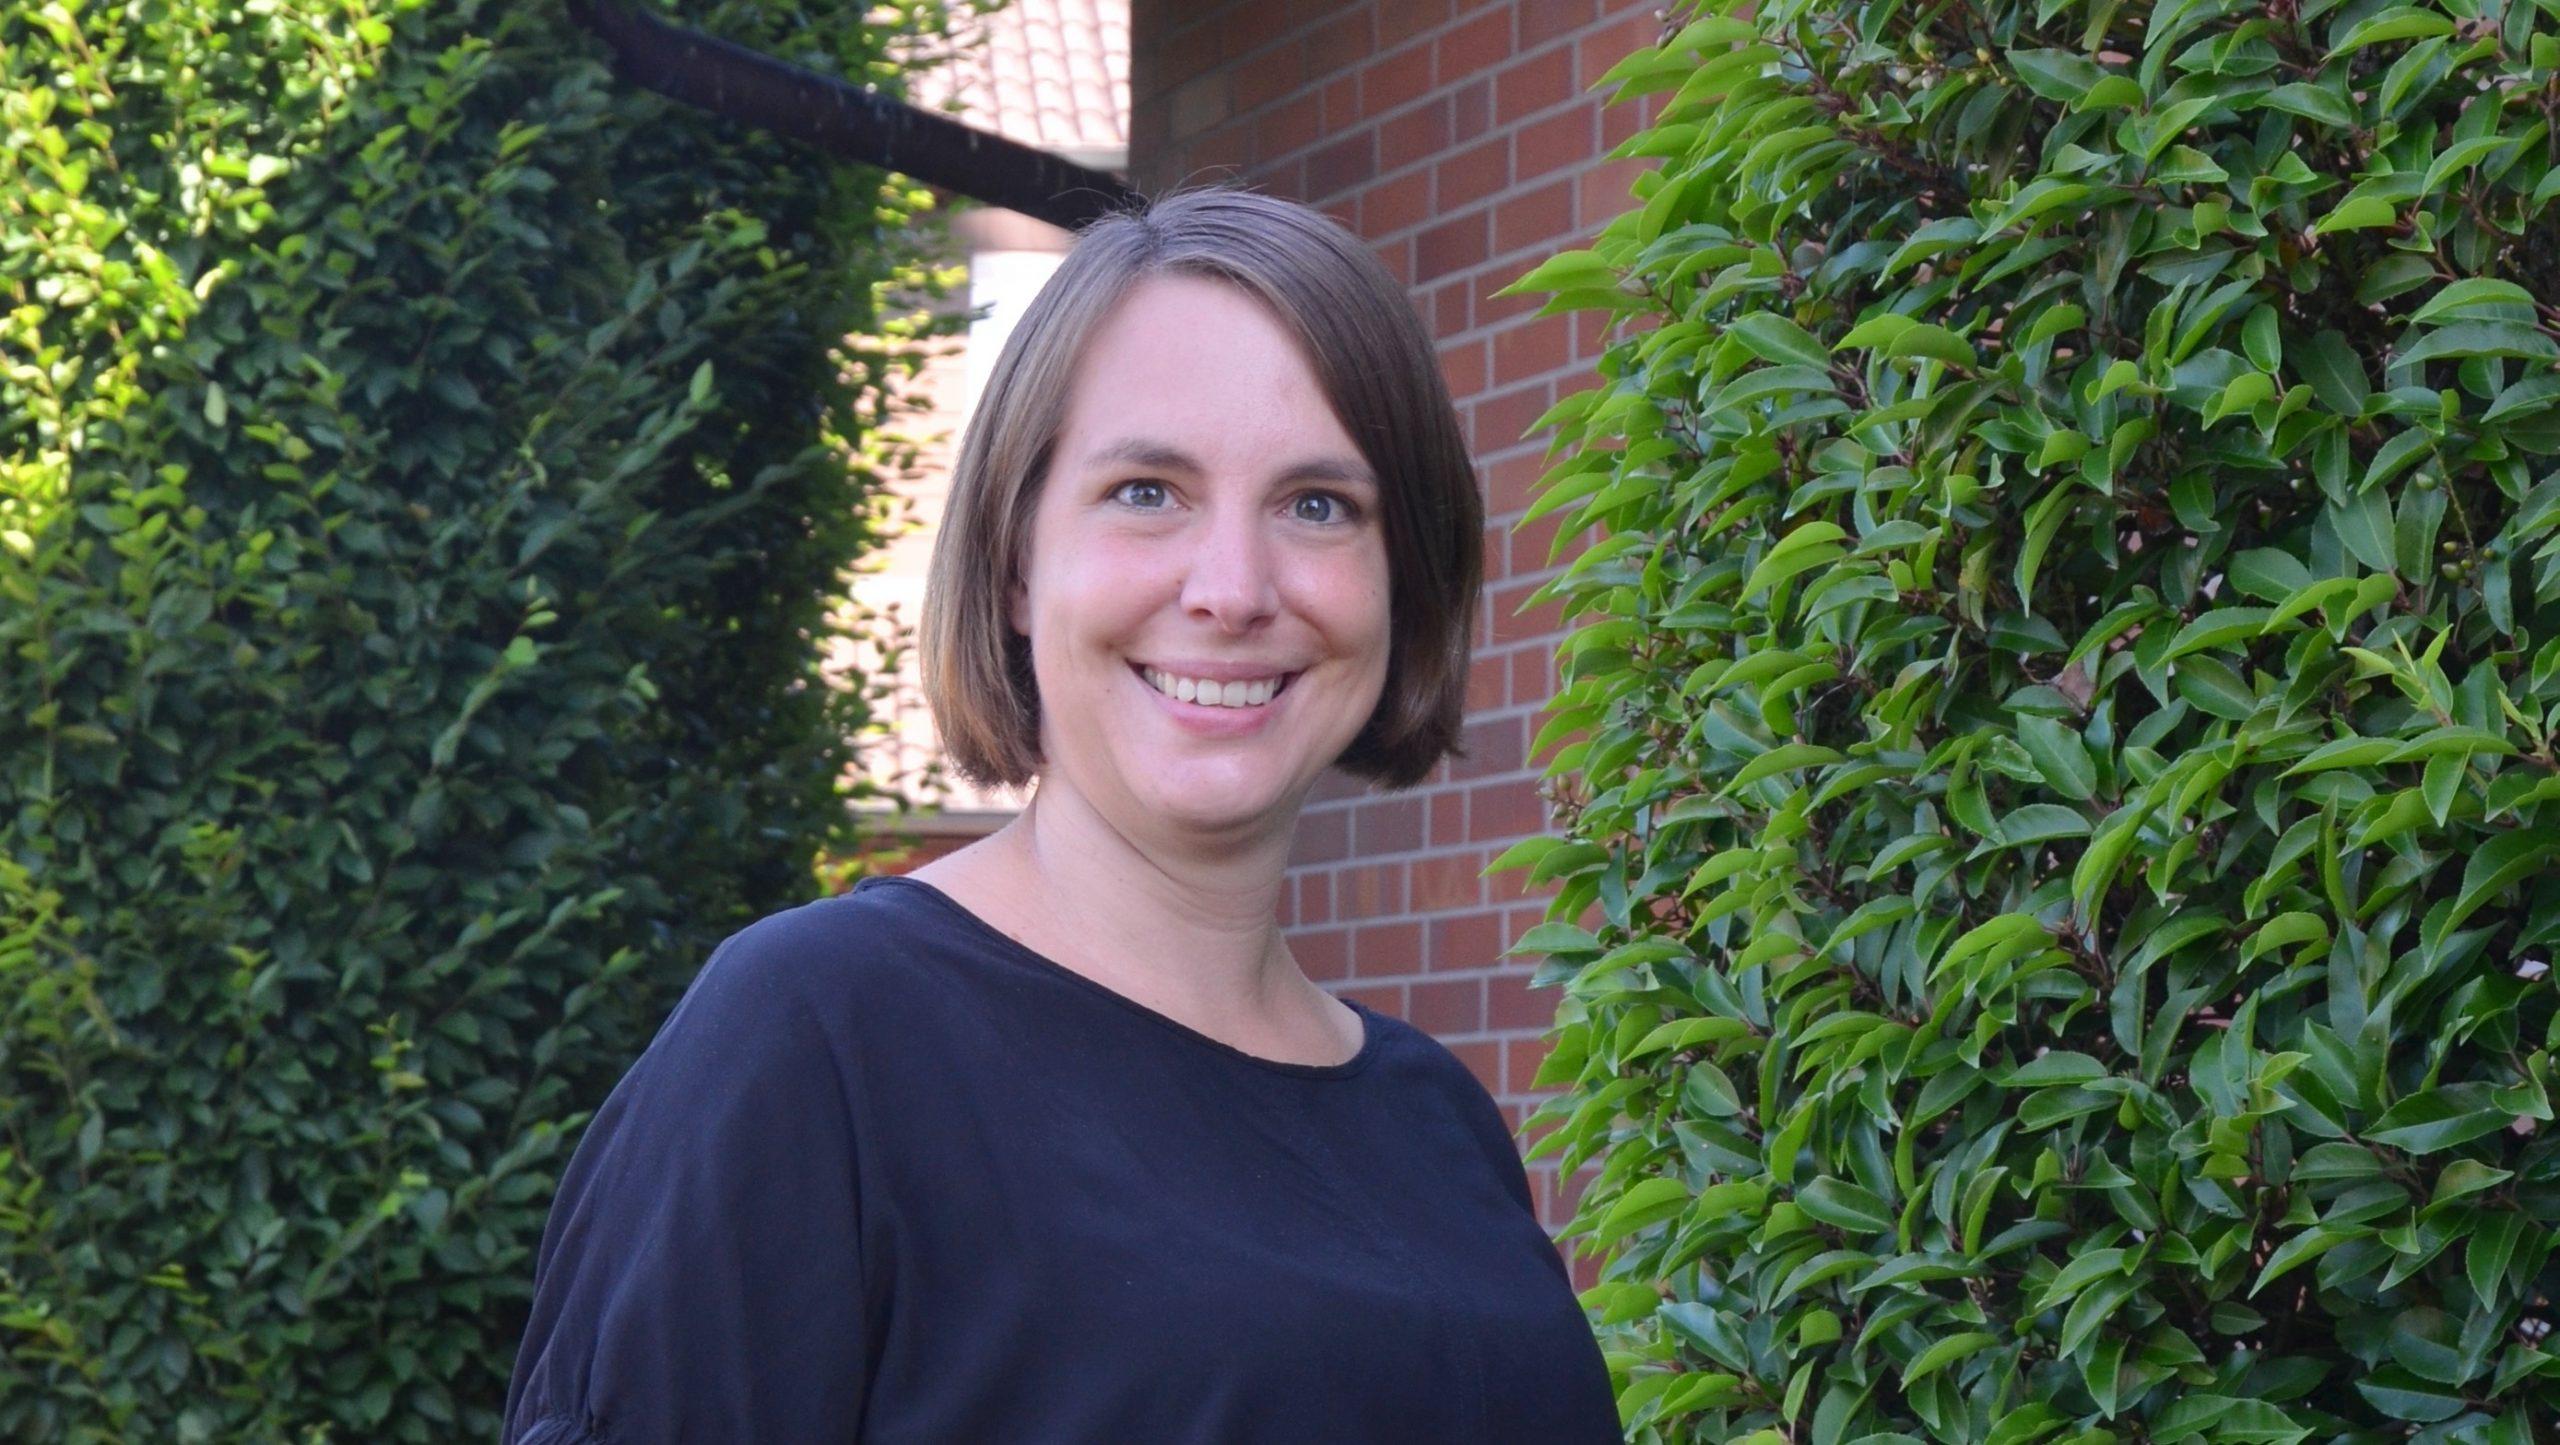 Nadine Besselmann